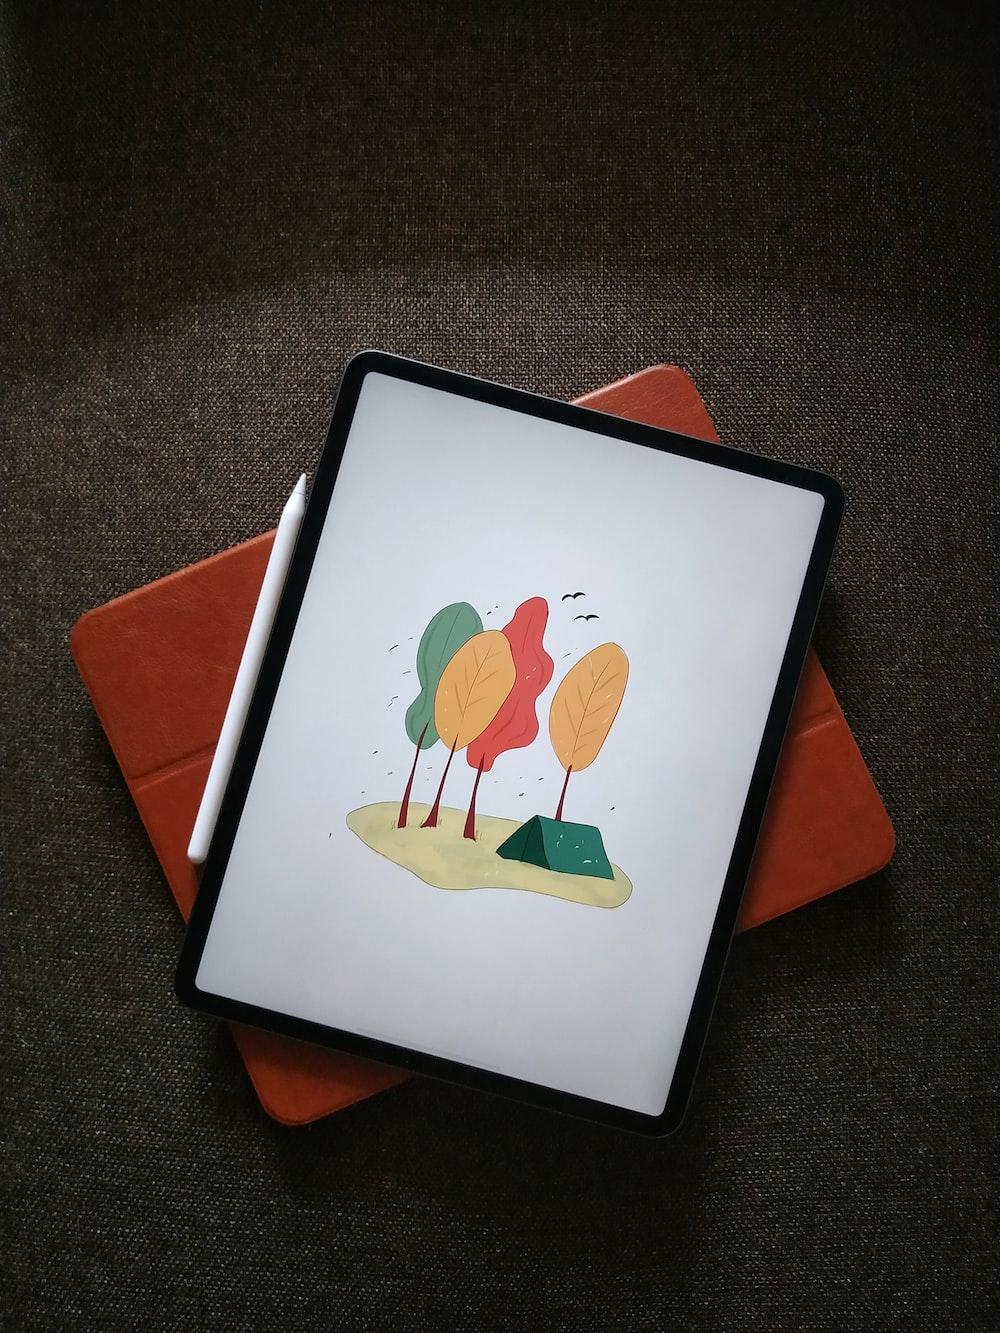 white ipad on orange textile